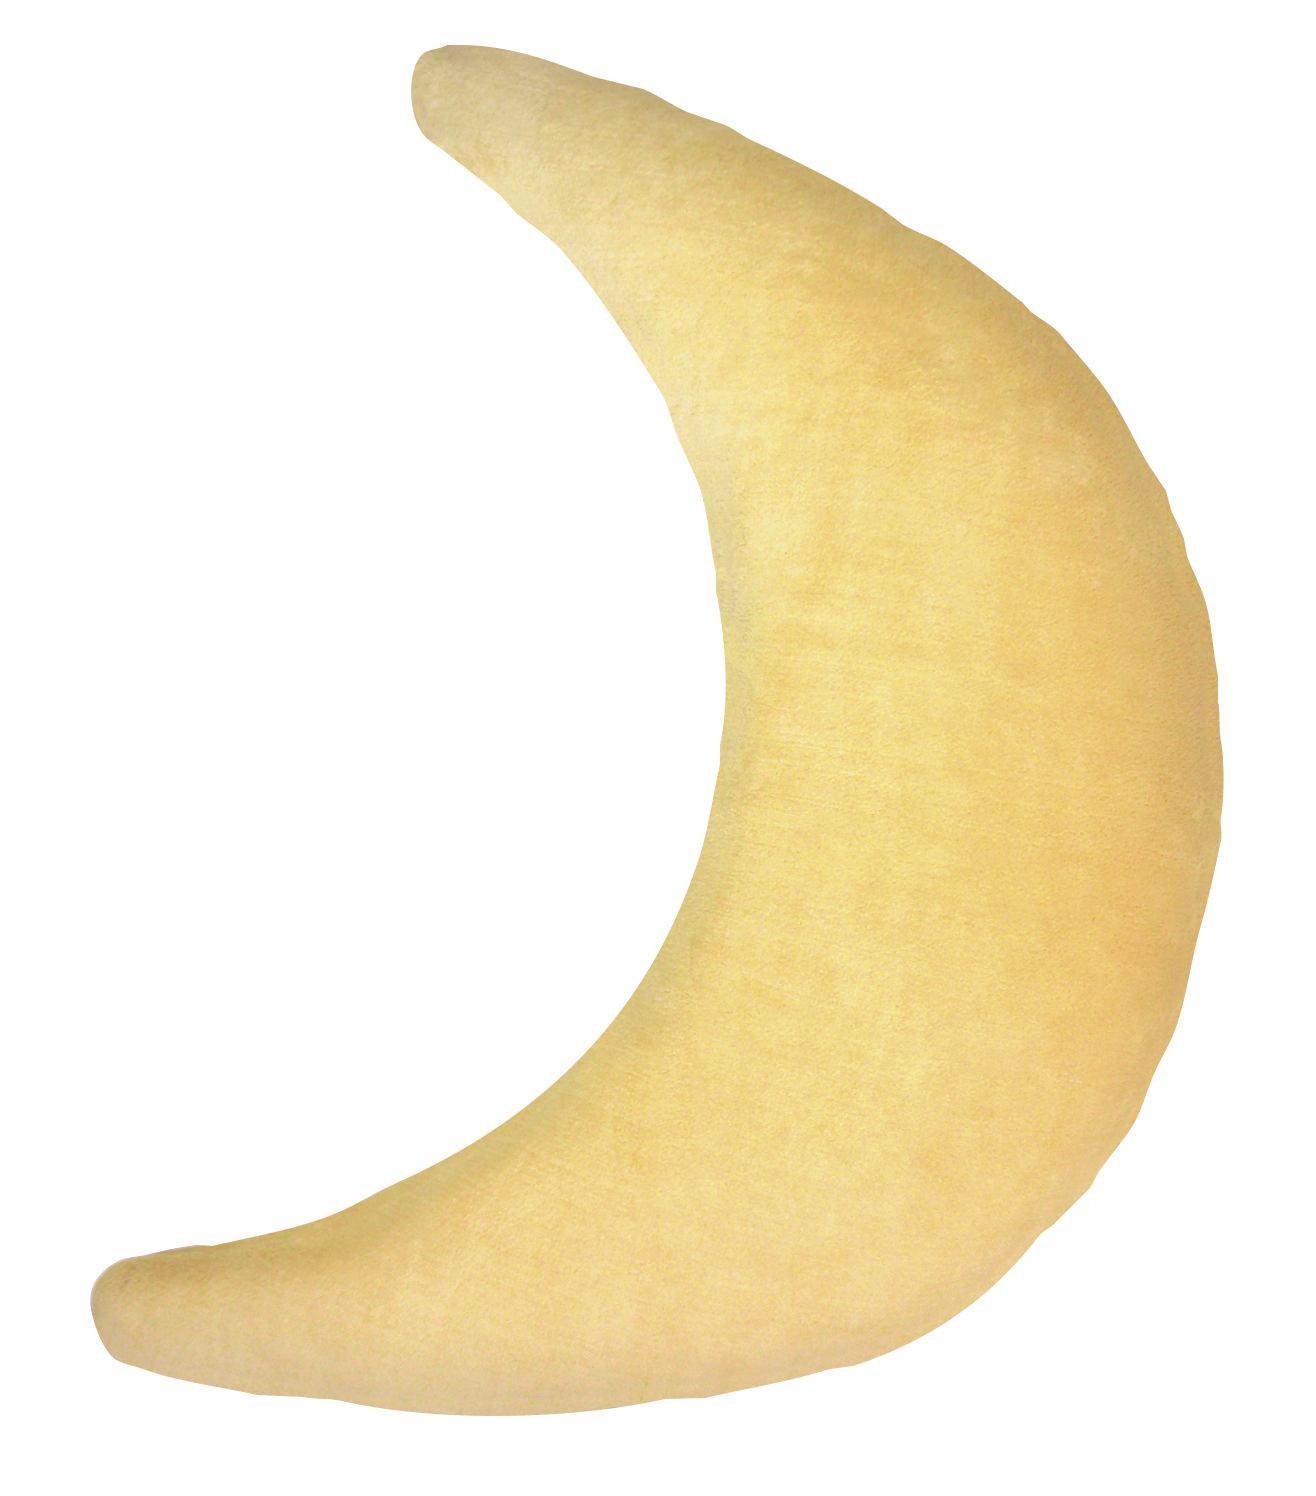 JASTUK ZA DOJENJE - svijetlo žuta, tekstil (27/140cm)